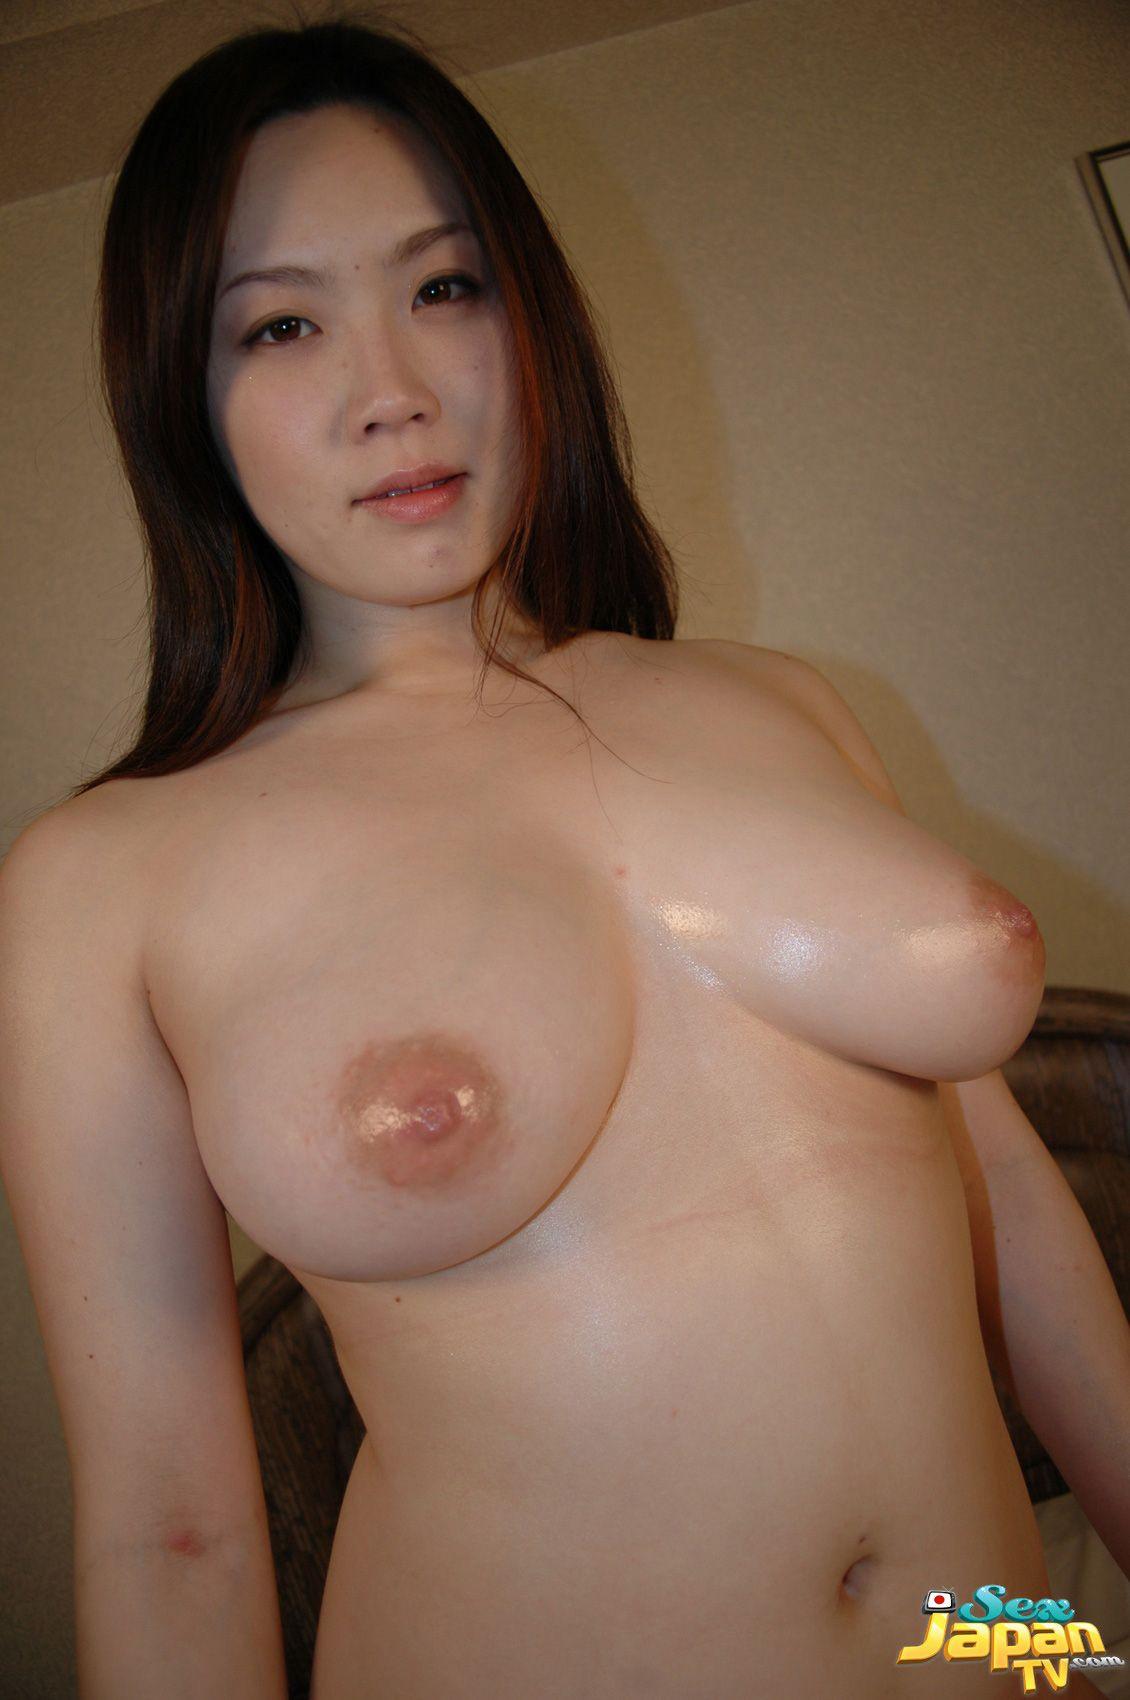 asian big boob hot top porn images